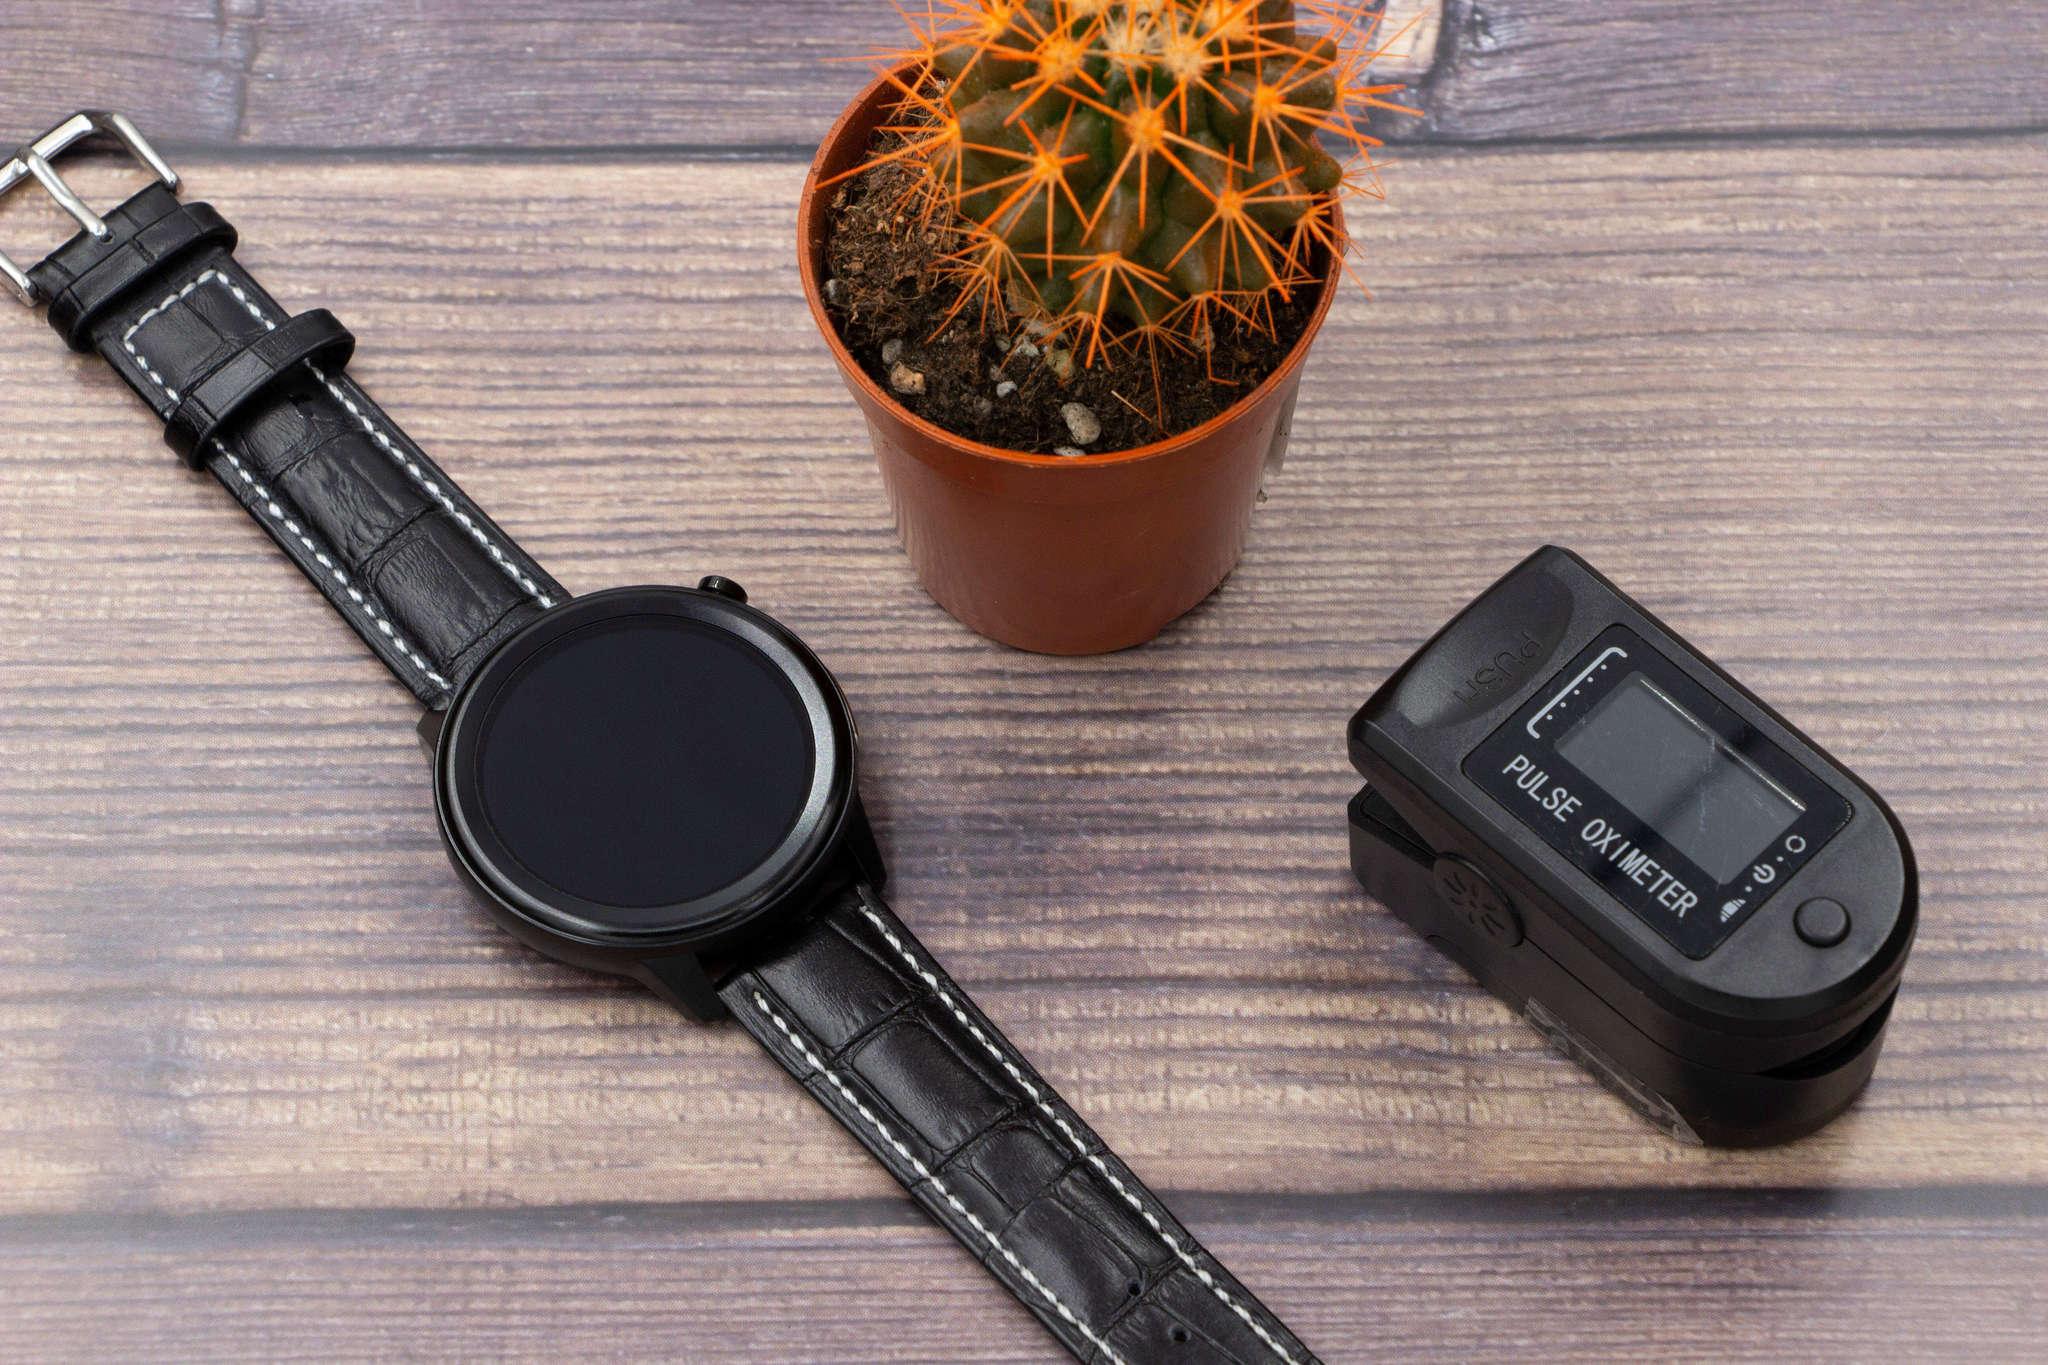 Профессиональные часы здоровья с автоматическим измерением температуры тела, давления, пульса, кислорода, снятием ЭКГ и контролем аномального пульса Health Watch Pro №80 (чёрный силикон)